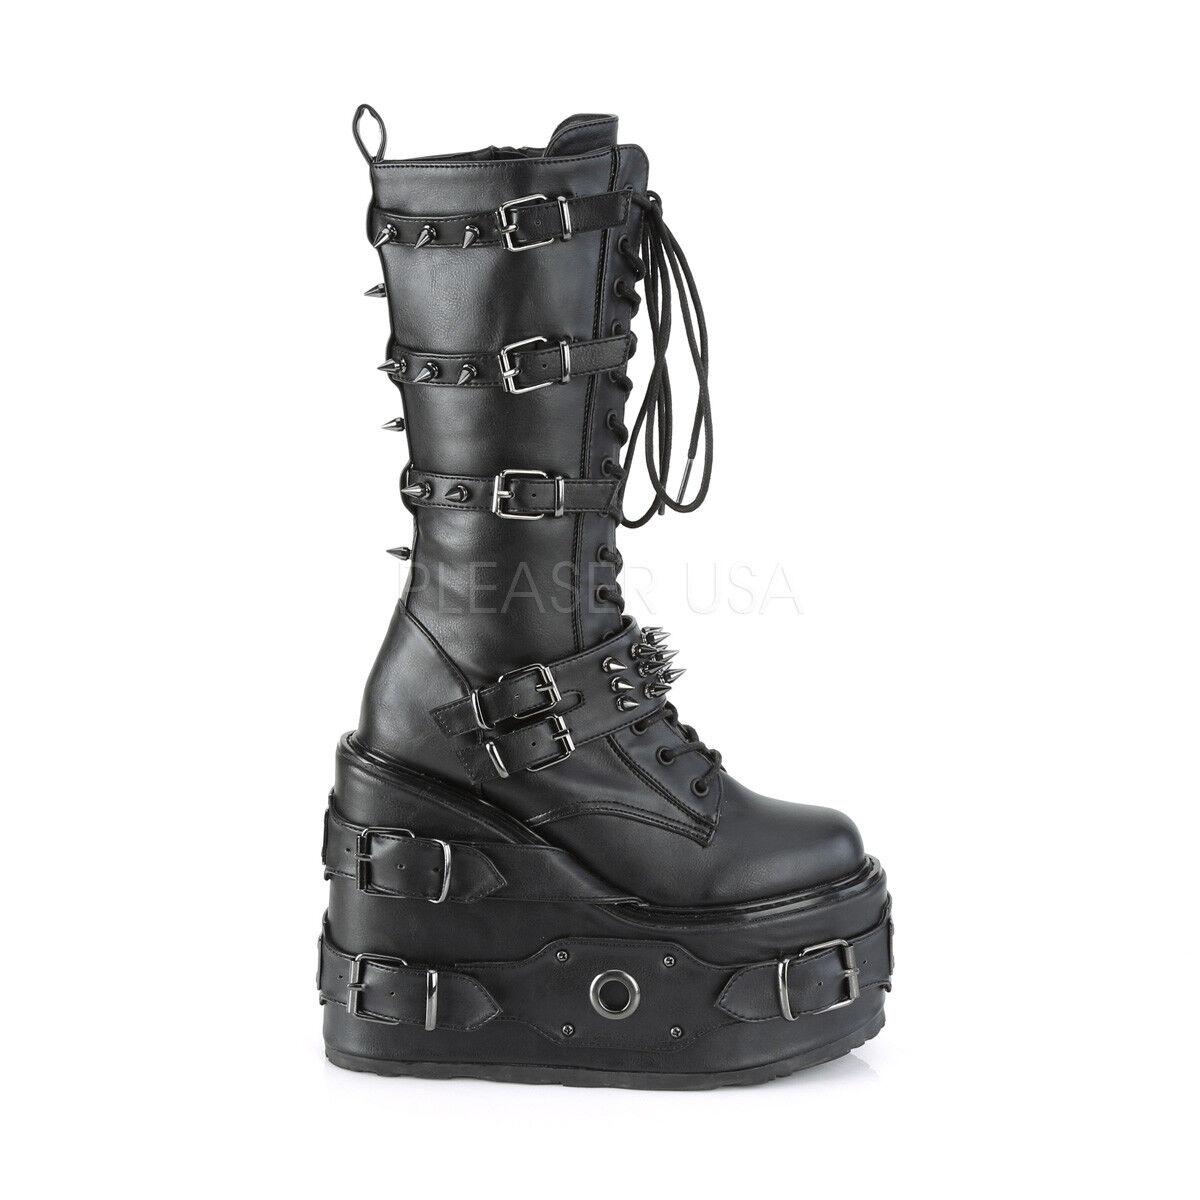 Swing 327 Negro Rodilla Bota 5.5  Pernos de plataforma y picos de tensión arranque Goth